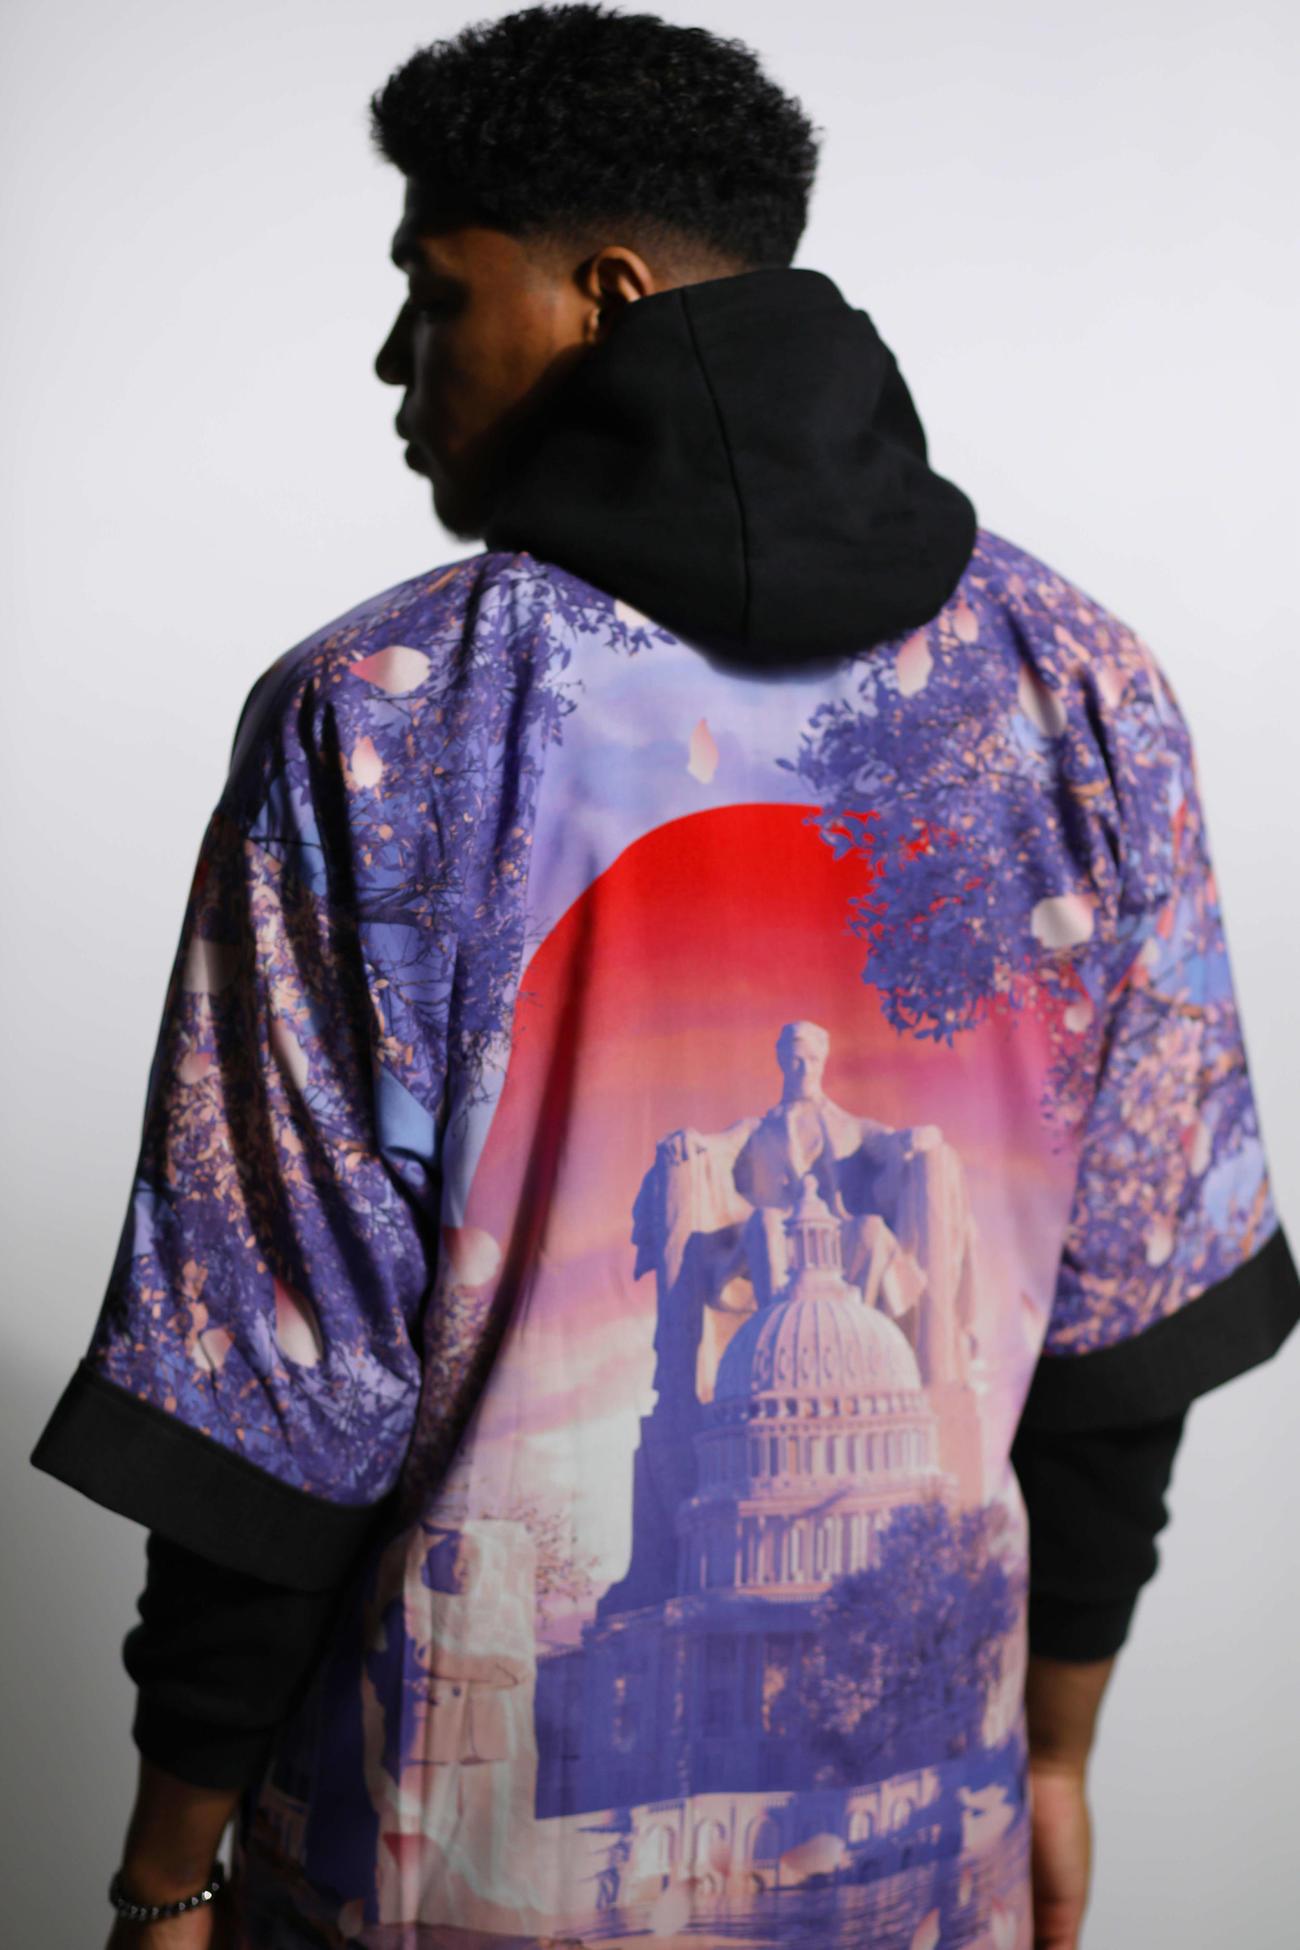 「ブラックサムライDC桜版Kimono」を着用するNBAウィザーズの八村(c)Wasserman/Athlete Exchange